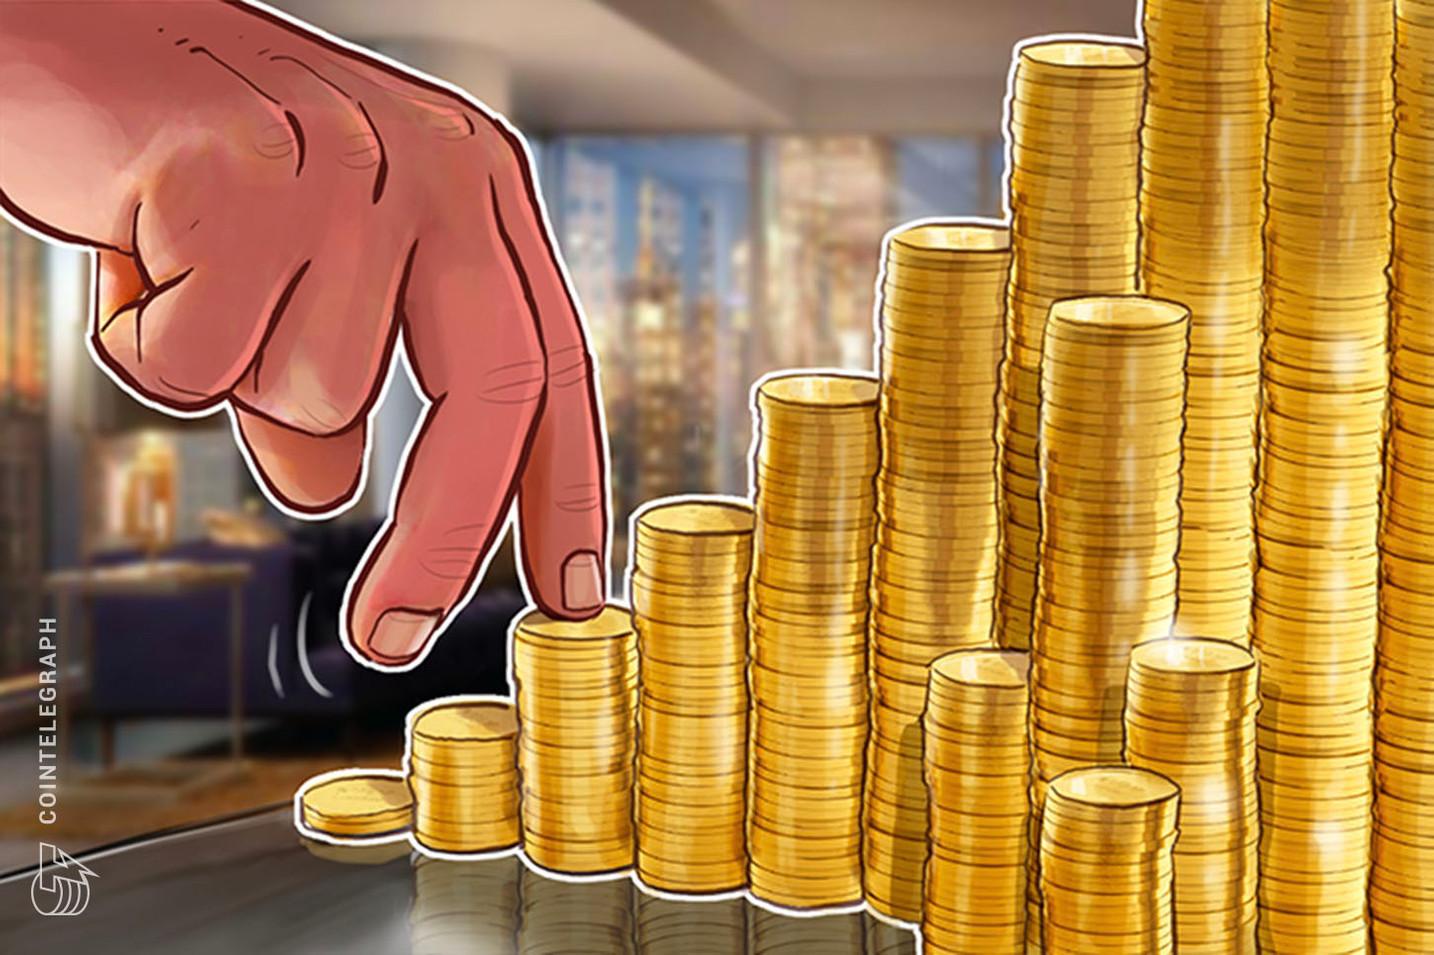 """شركة إدارة الأصول """"نورثرن ترست"""" تخطط لبدء أعمال حفظ العملات المشفرة"""